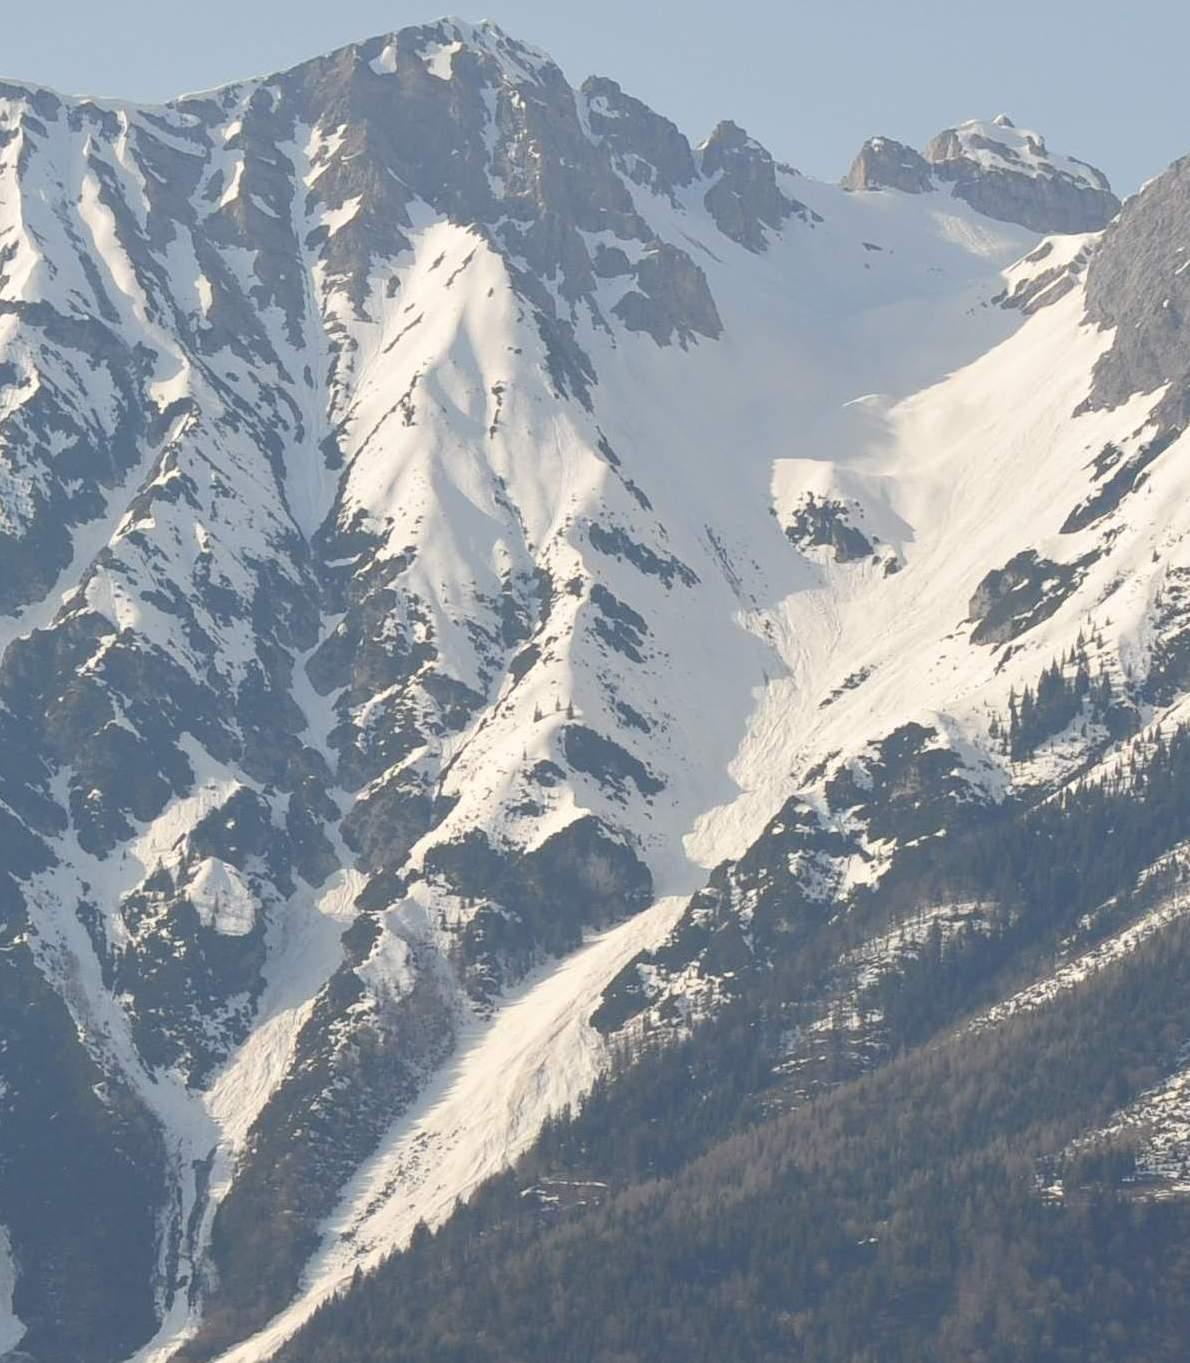 Foto: Bernhard Berger / Skitour / Über die Arzler Reise zur Arzler Scharte / Blick von Aldrans (760m) auf die Arzler Reise - oben rechts Mannlscharte (Foto Bernd Golas) / 24.04.2009 12:46:34